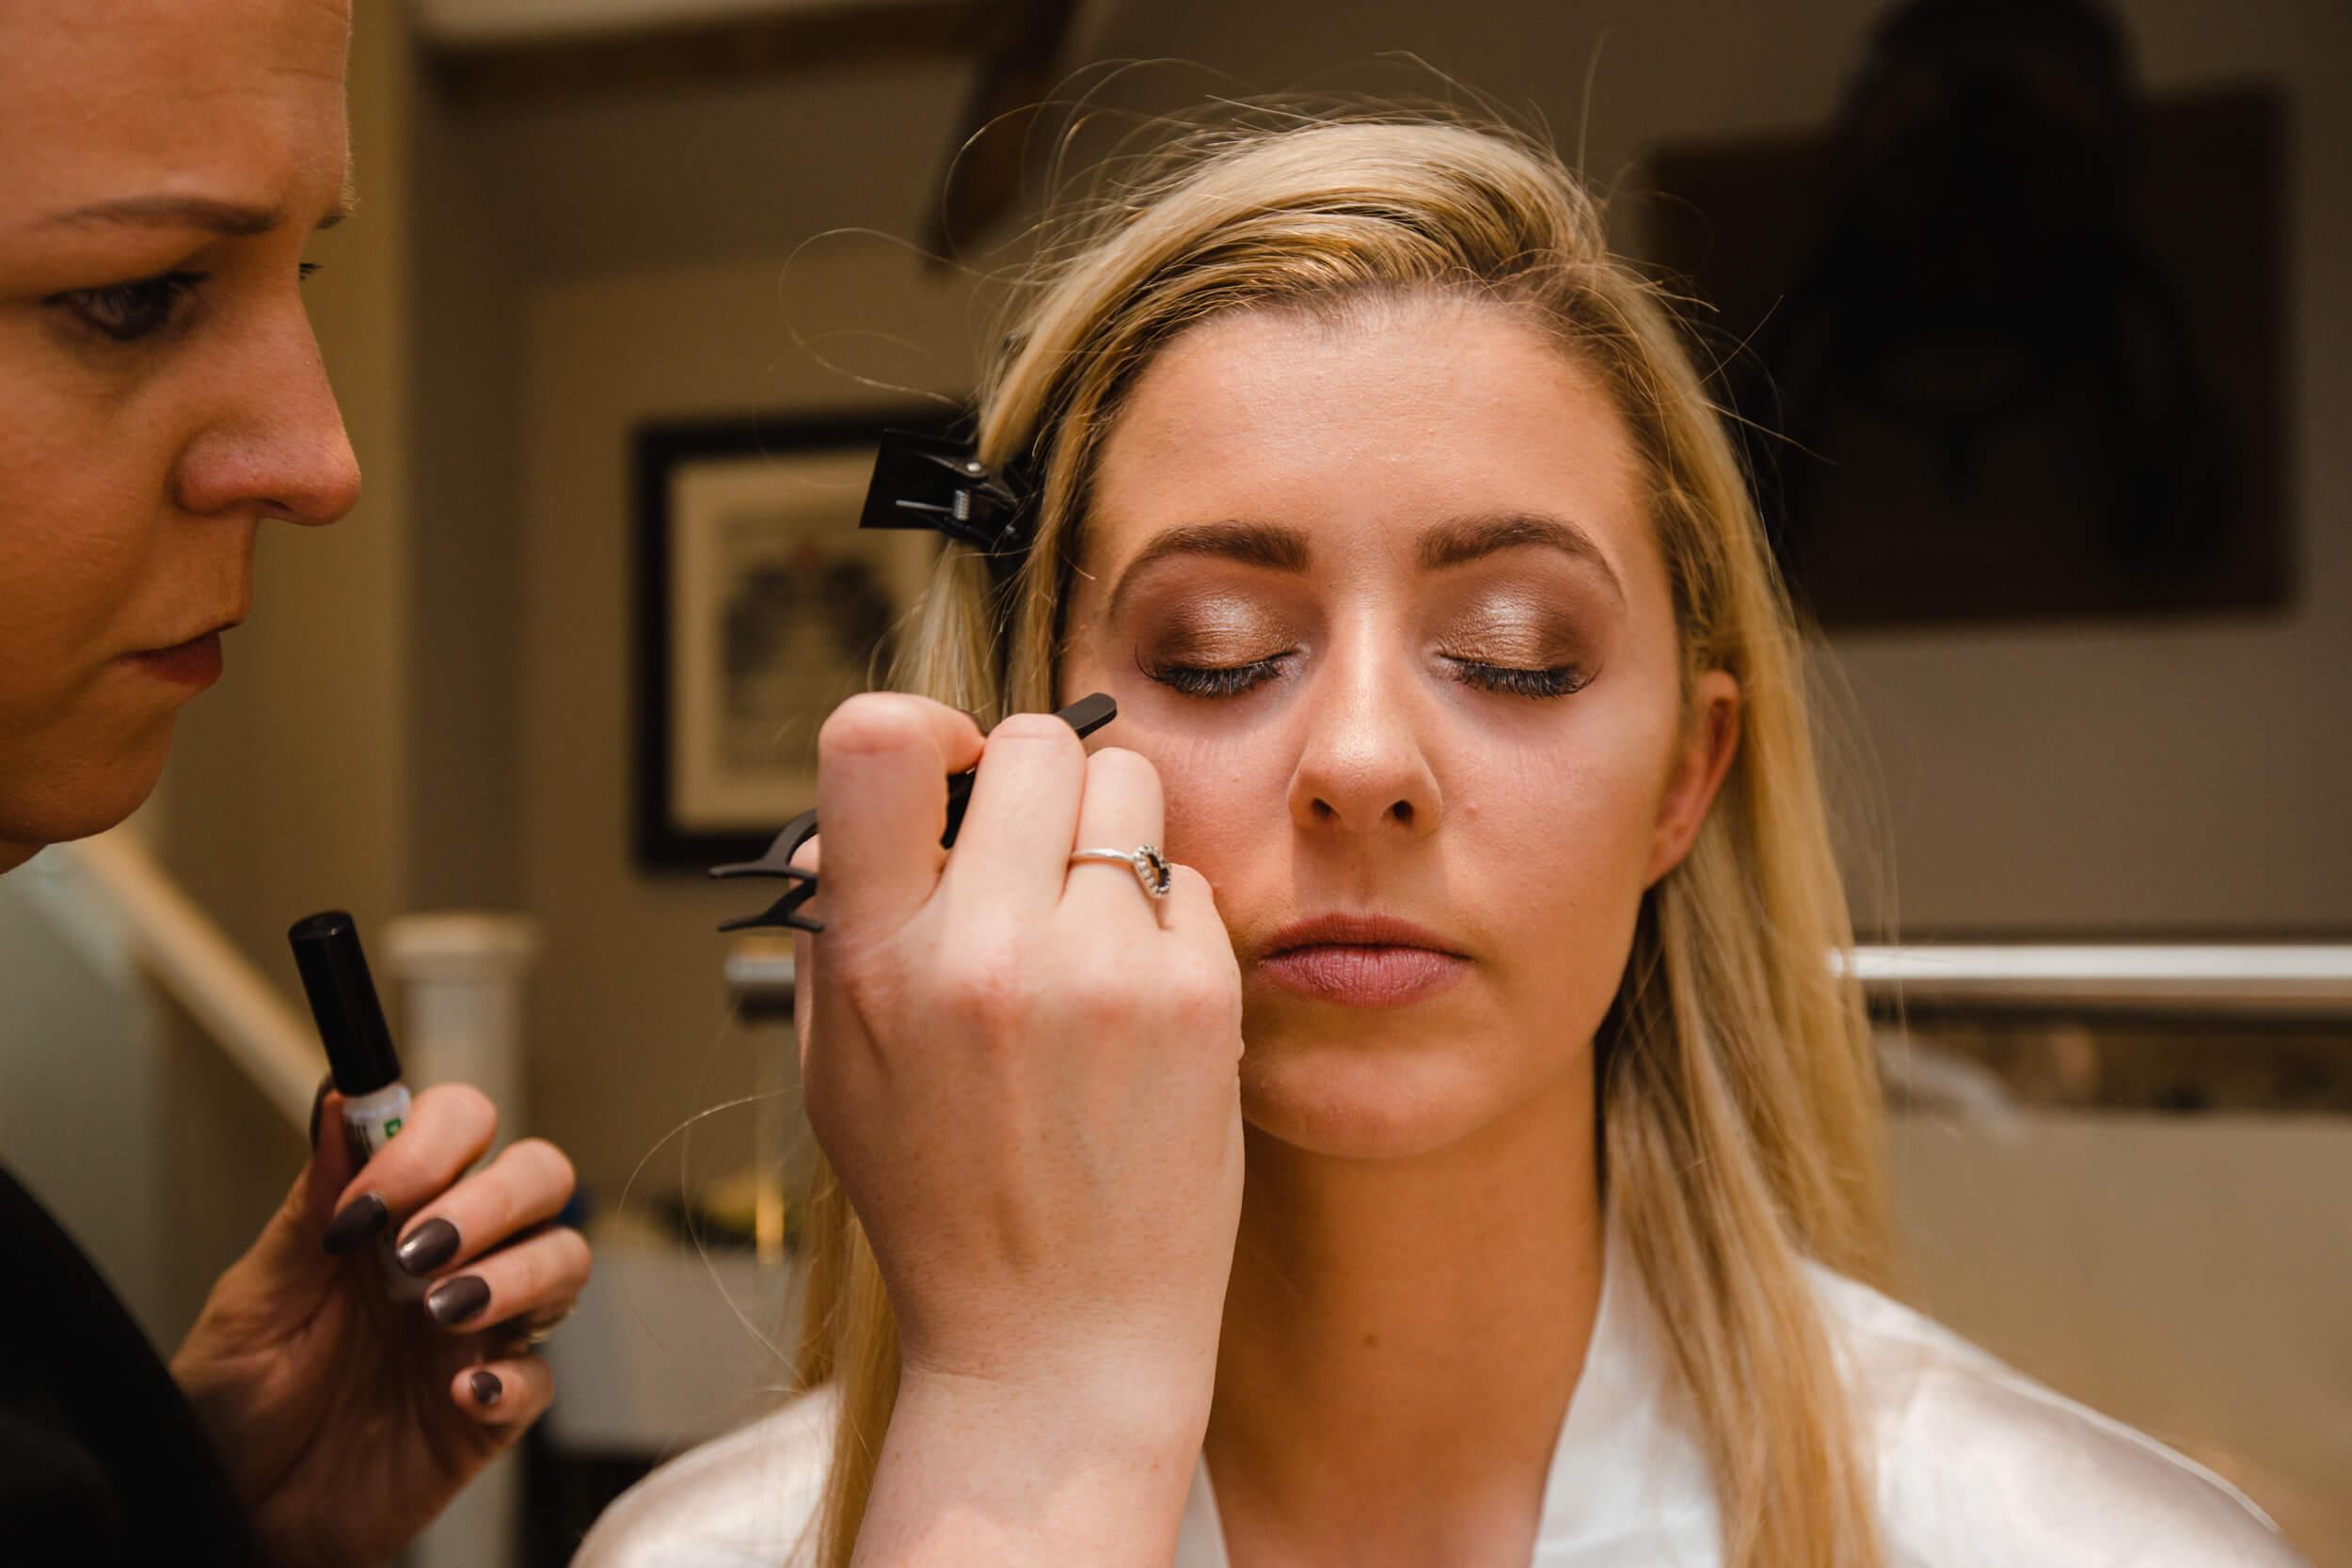 close up macro lens photograph of bride having mascara make up applied